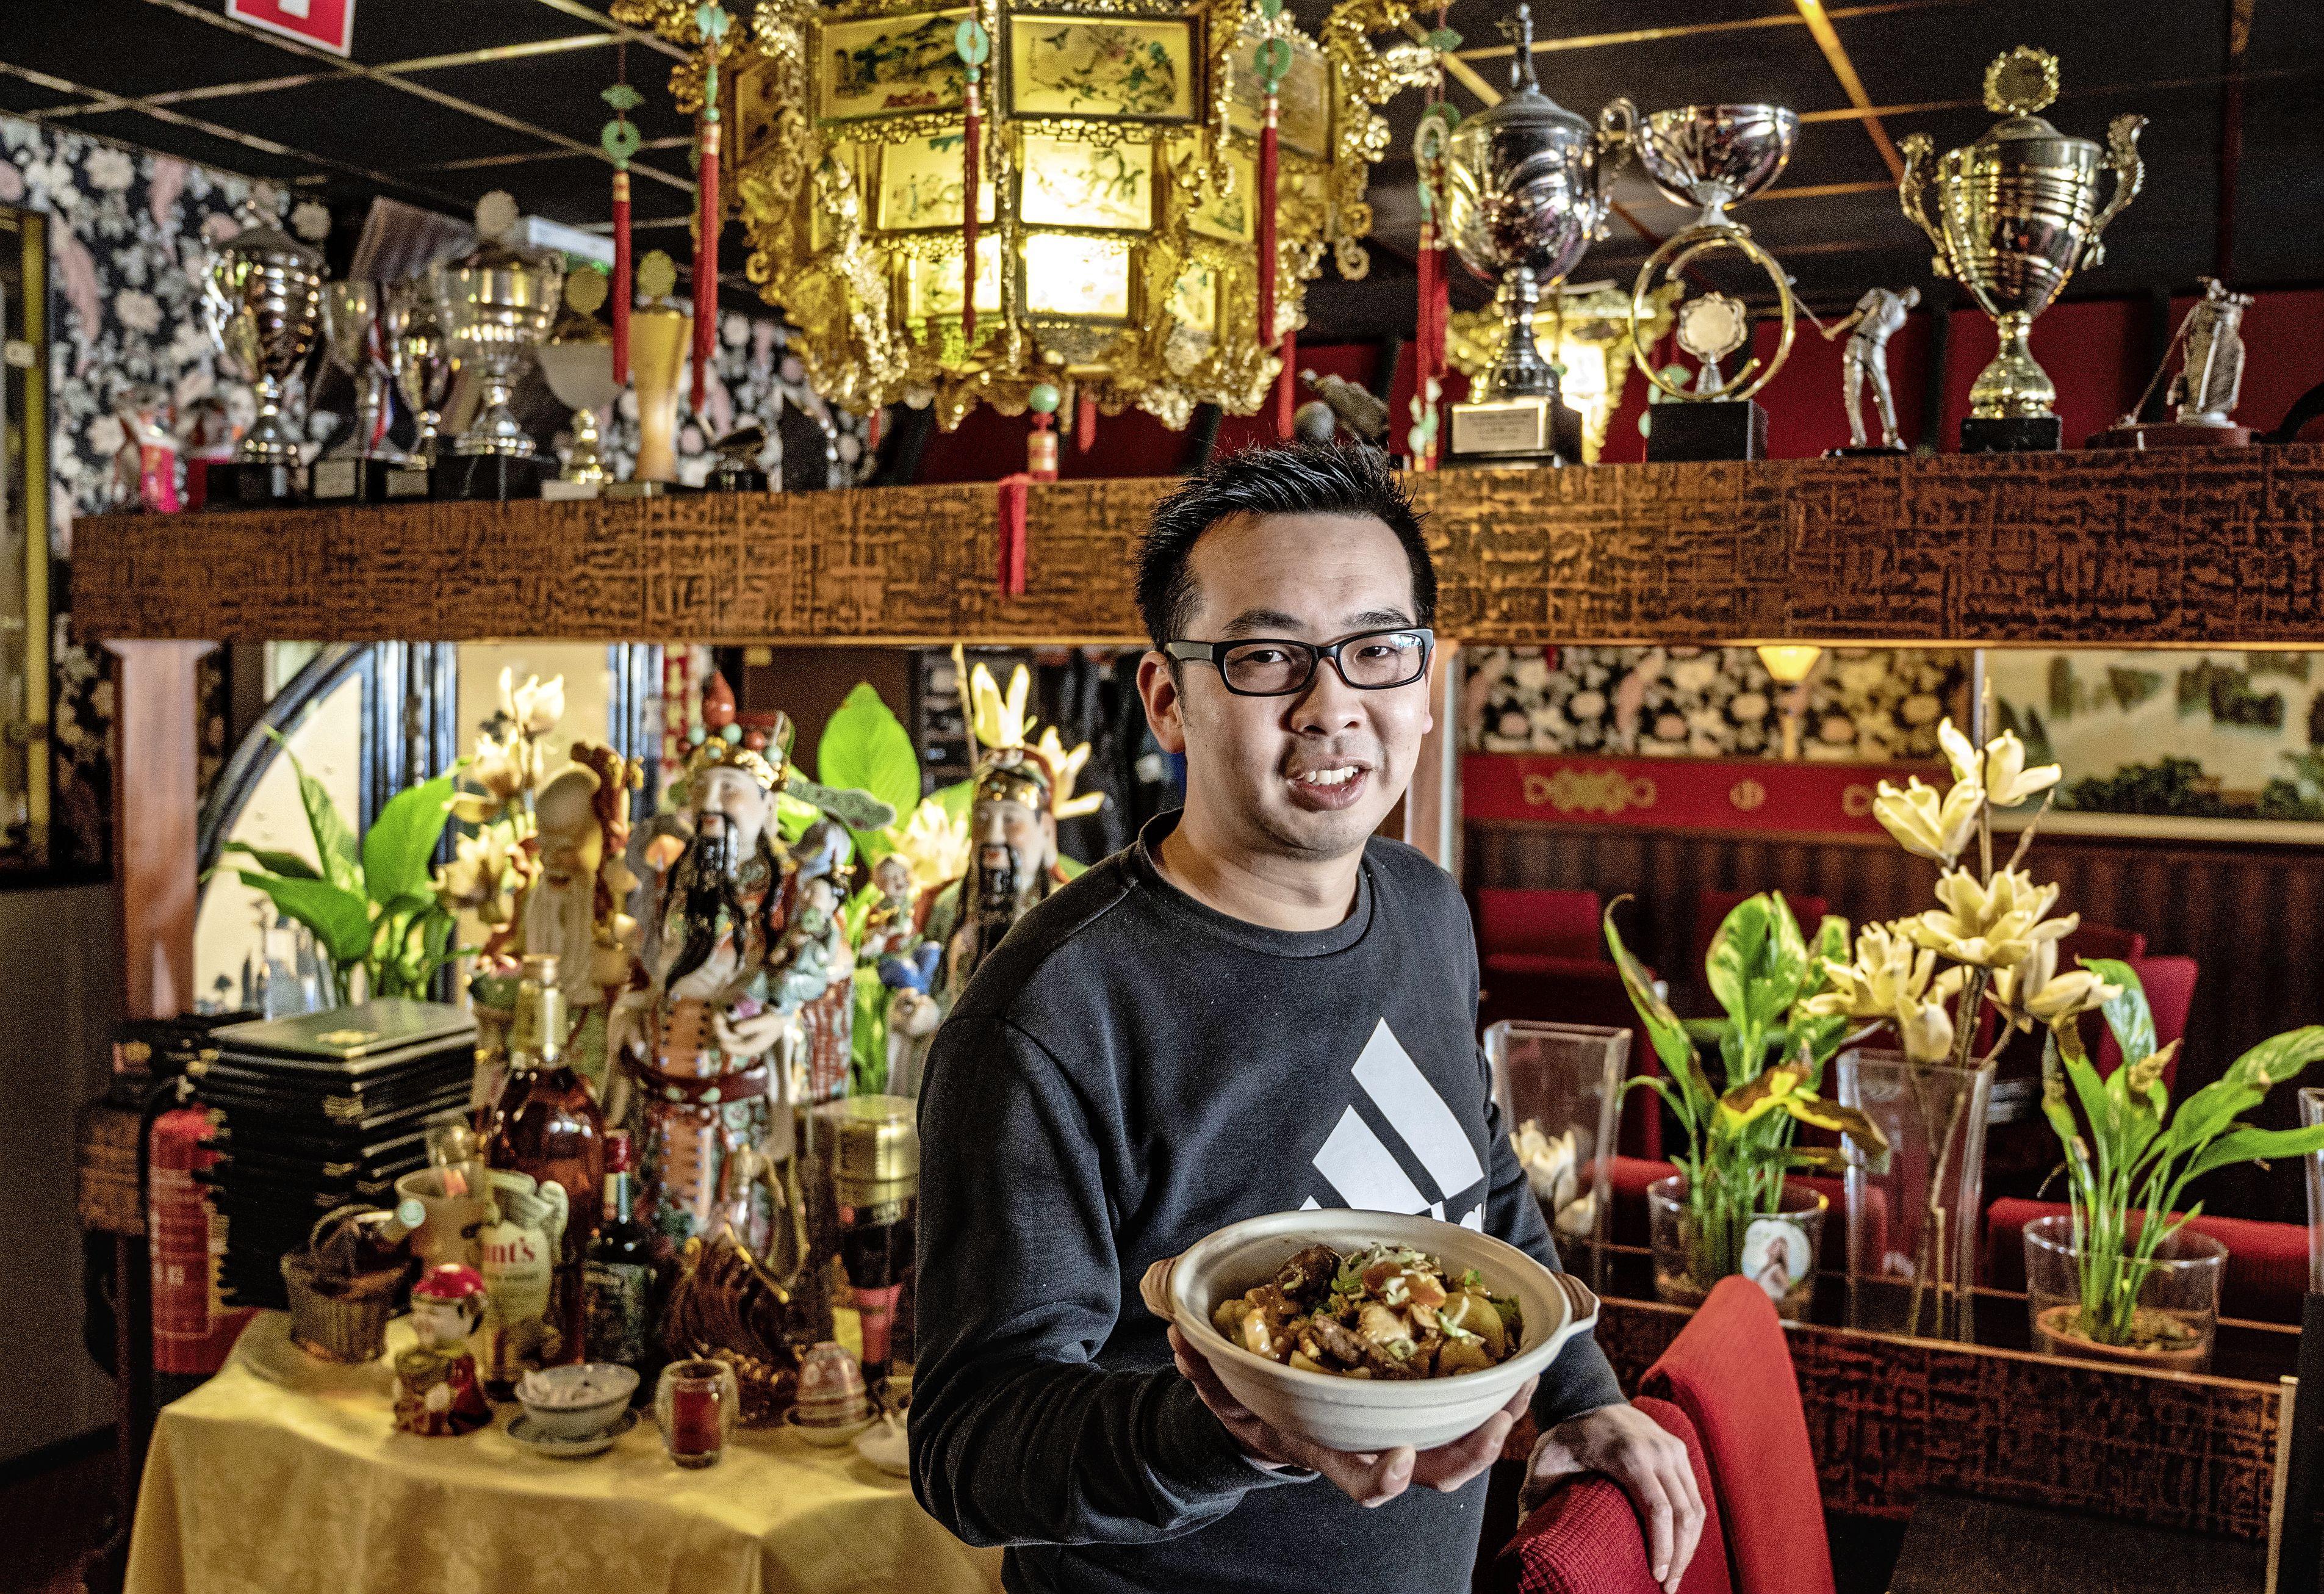 Babi pangang tref je nergens in China op het menu. Het is bij uitstek Nederlands immaterieel erfgoed. Rondgang langs de IJmondse Chinees